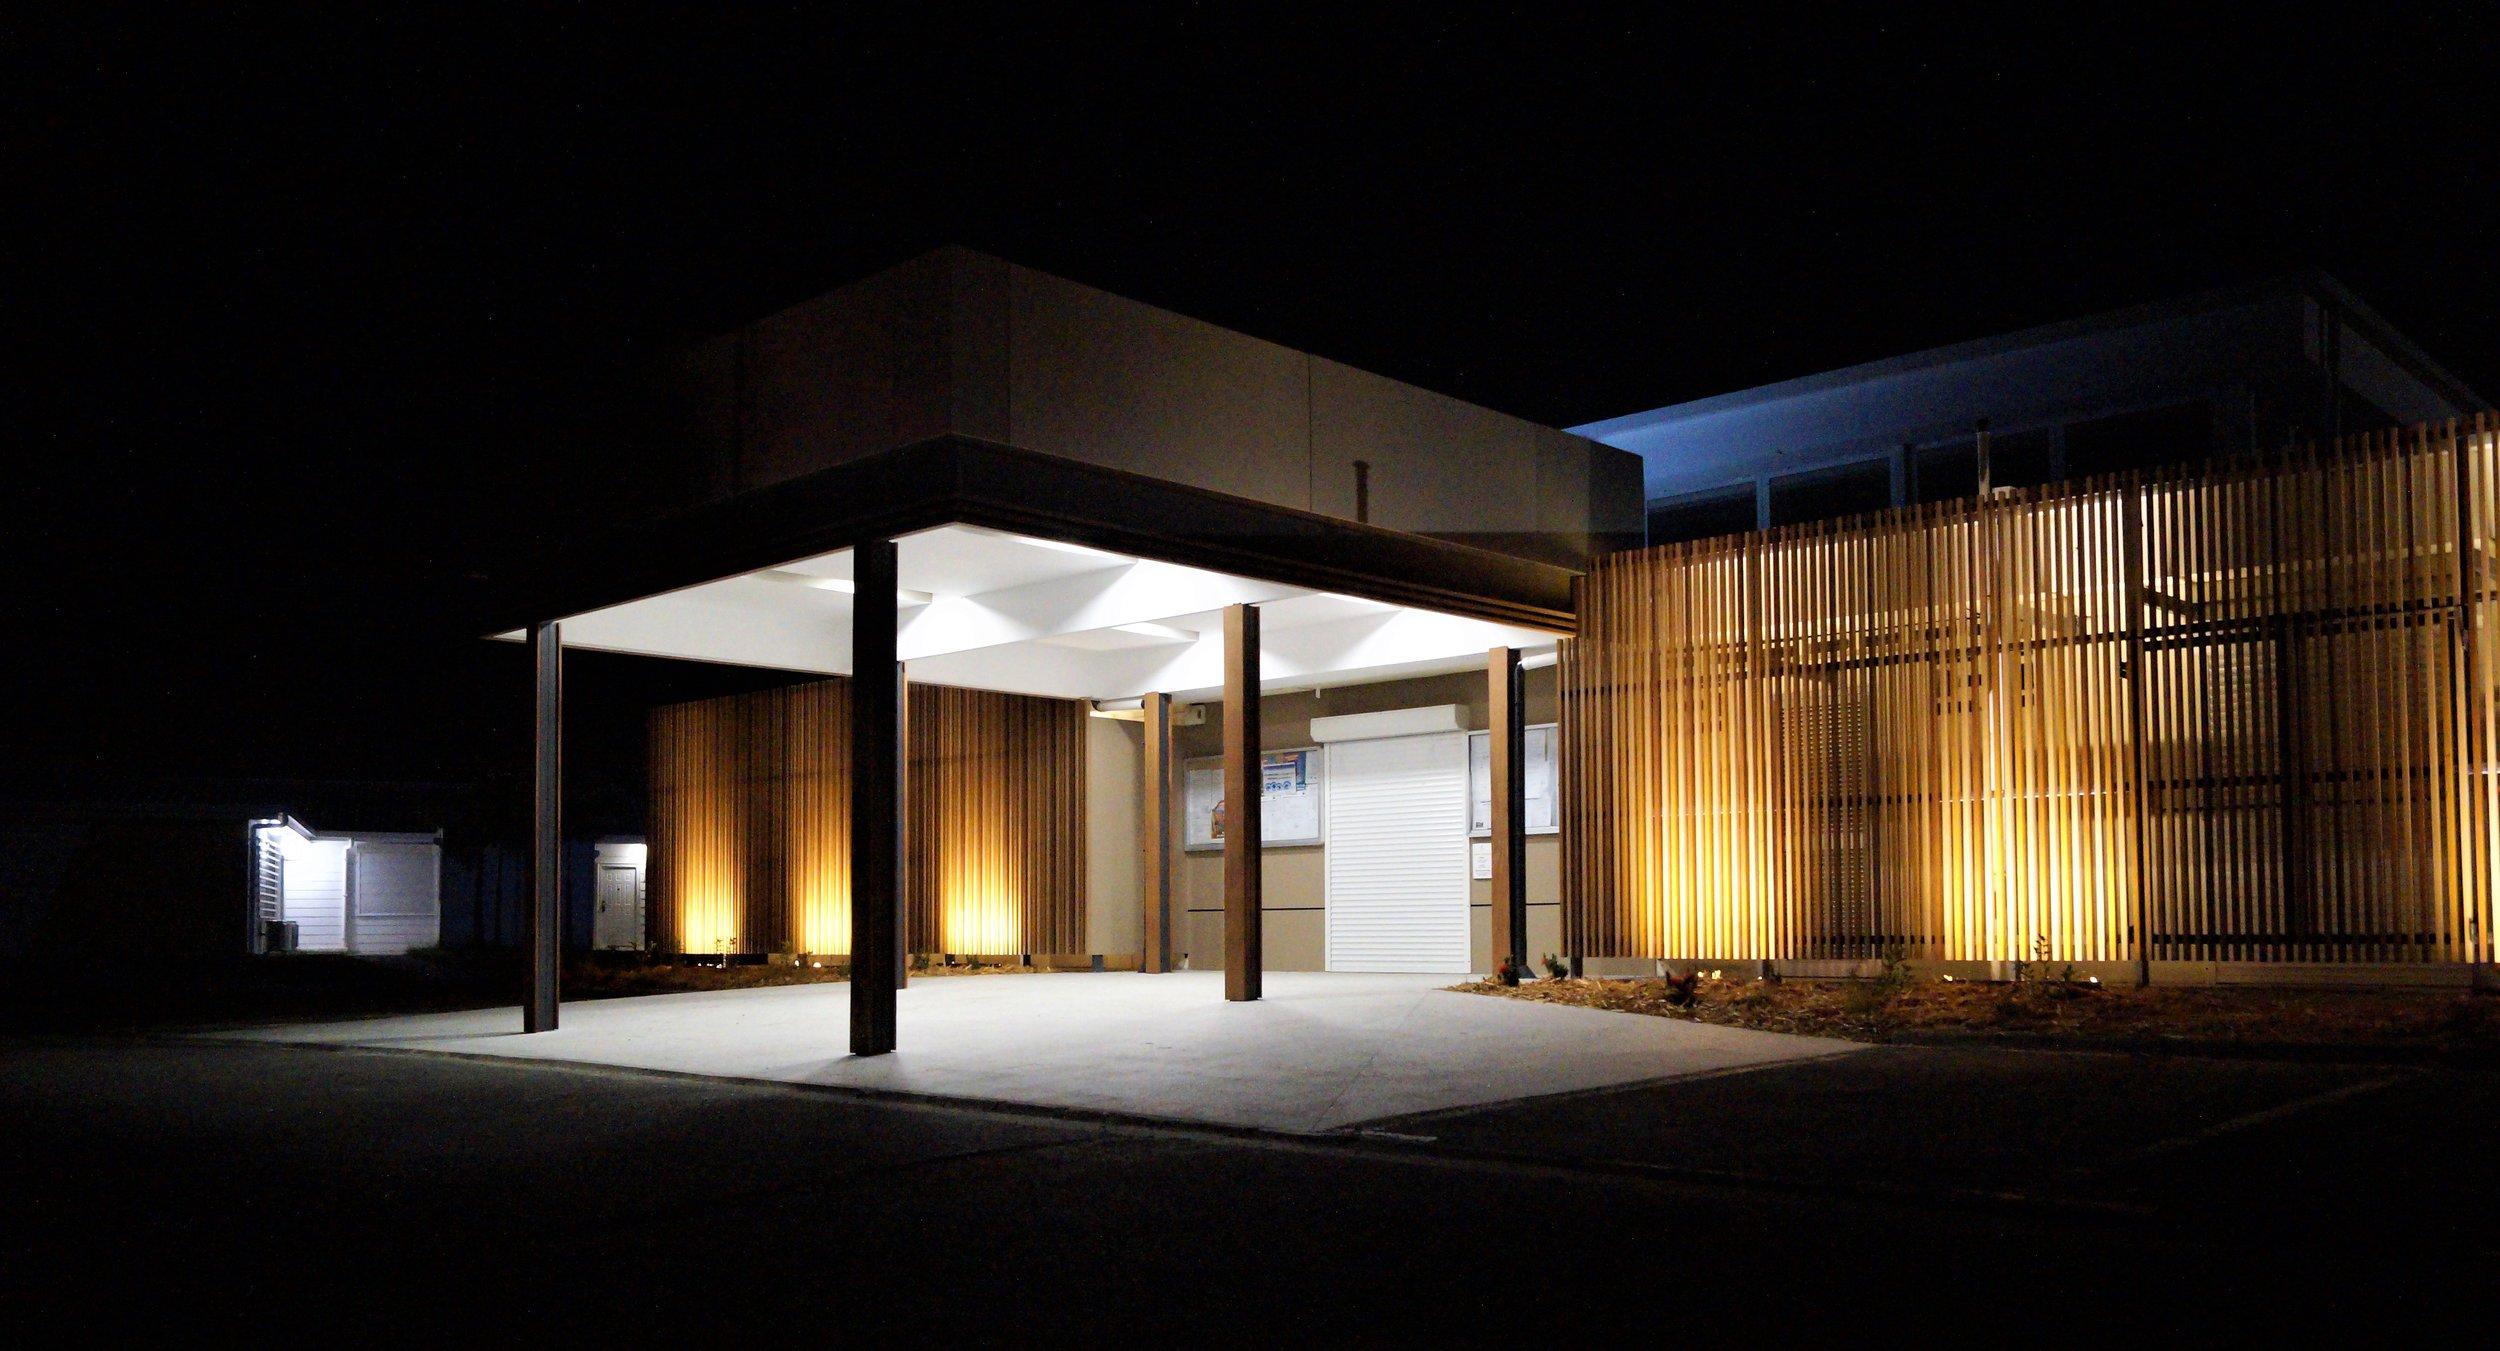 Mairie de Paita Council Building - Noumea